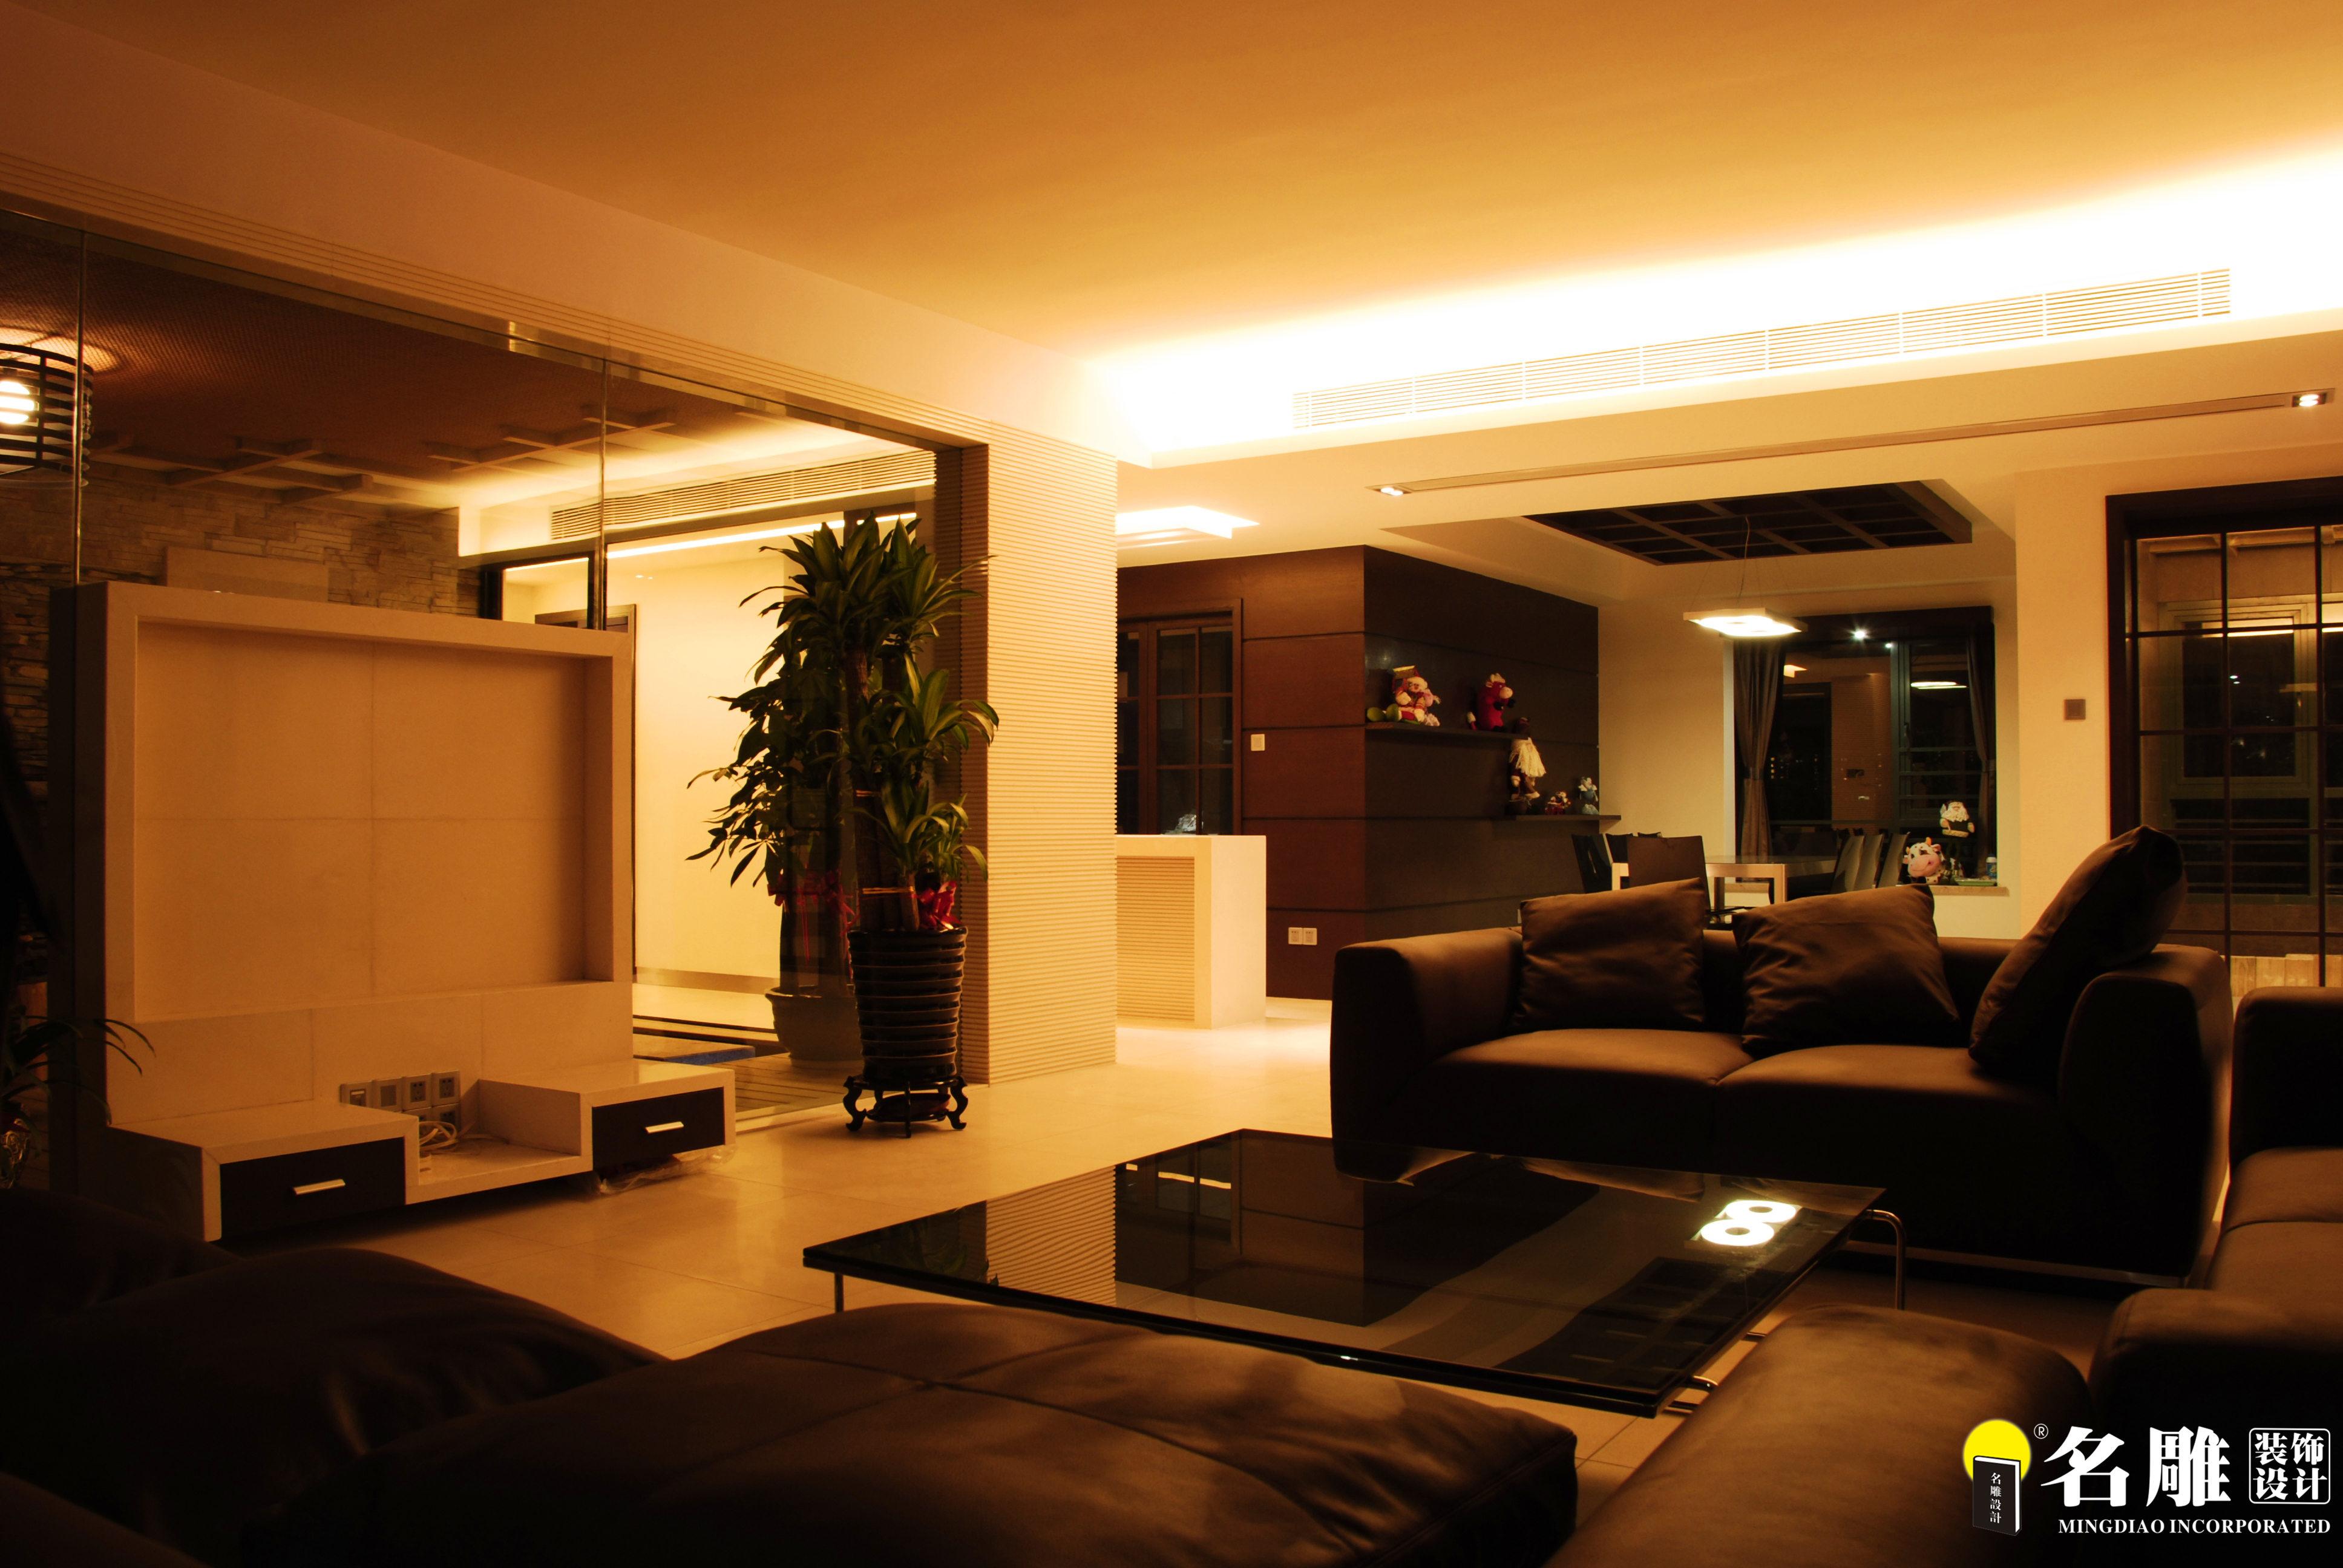 现代 三居 文艺青年 名雕装饰 个性家装 客厅 客厅图片来自名雕装饰设计在现代风格-260平三居室文艺家装的分享